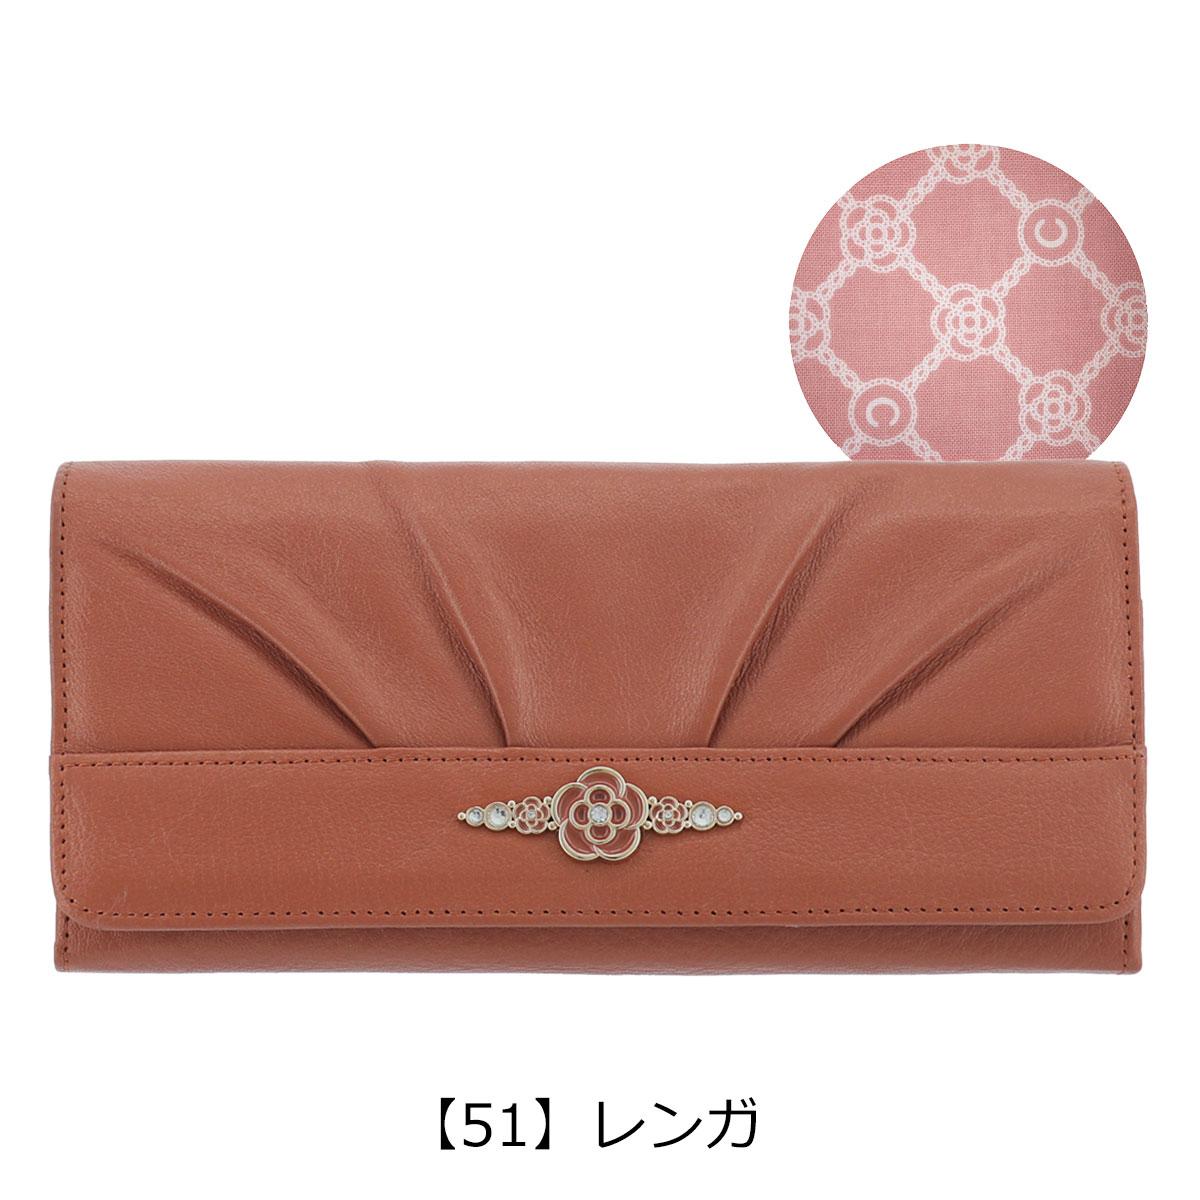 【51】レンガ